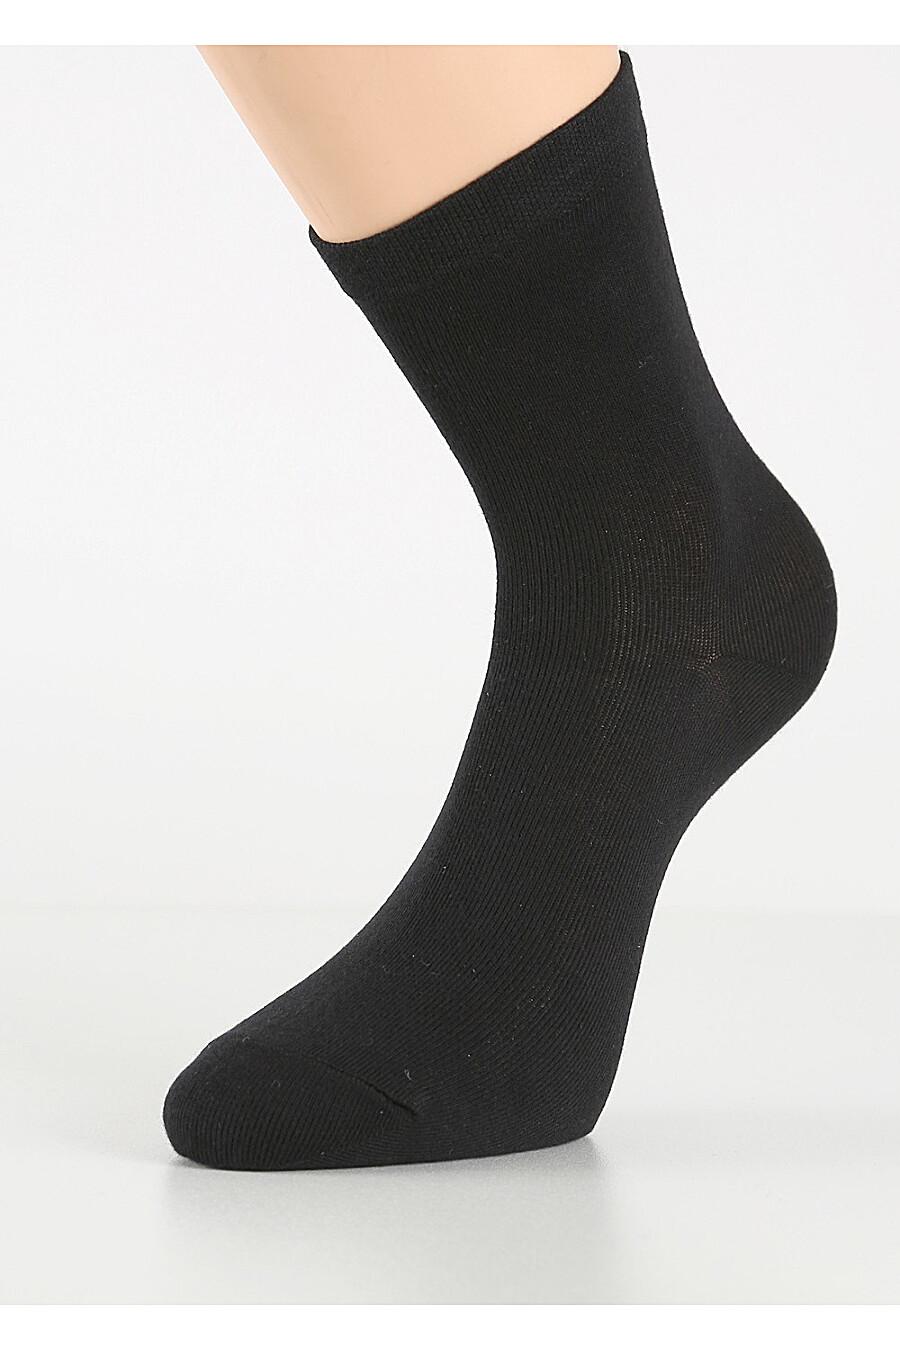 Носки для женщин CLEVER 175769 купить оптом от производителя. Совместная покупка женской одежды в OptMoyo